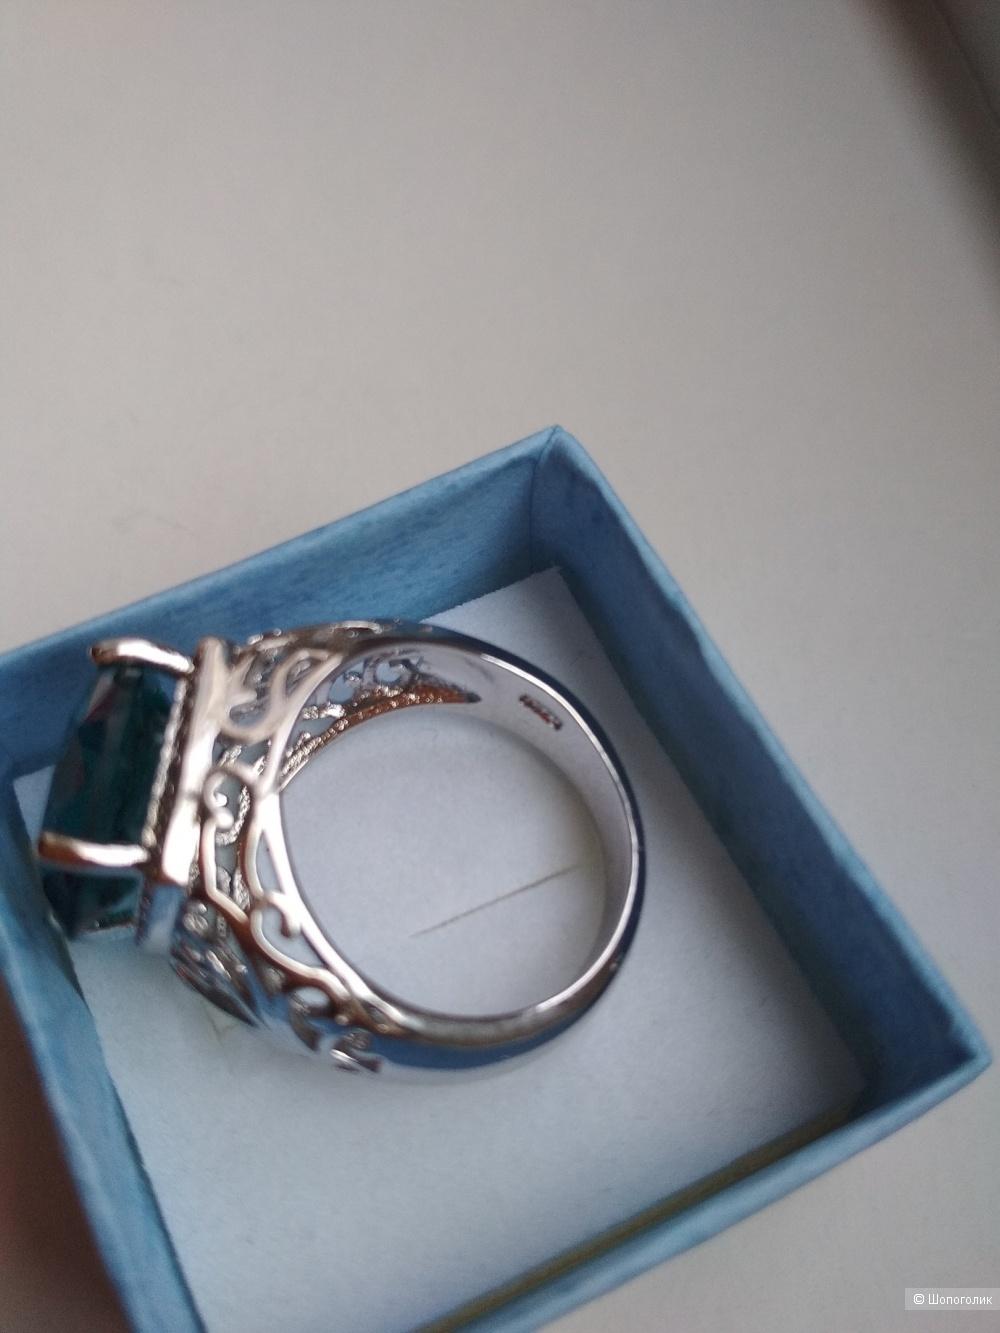 Кольцо с бирюзовым камнем, размер 8